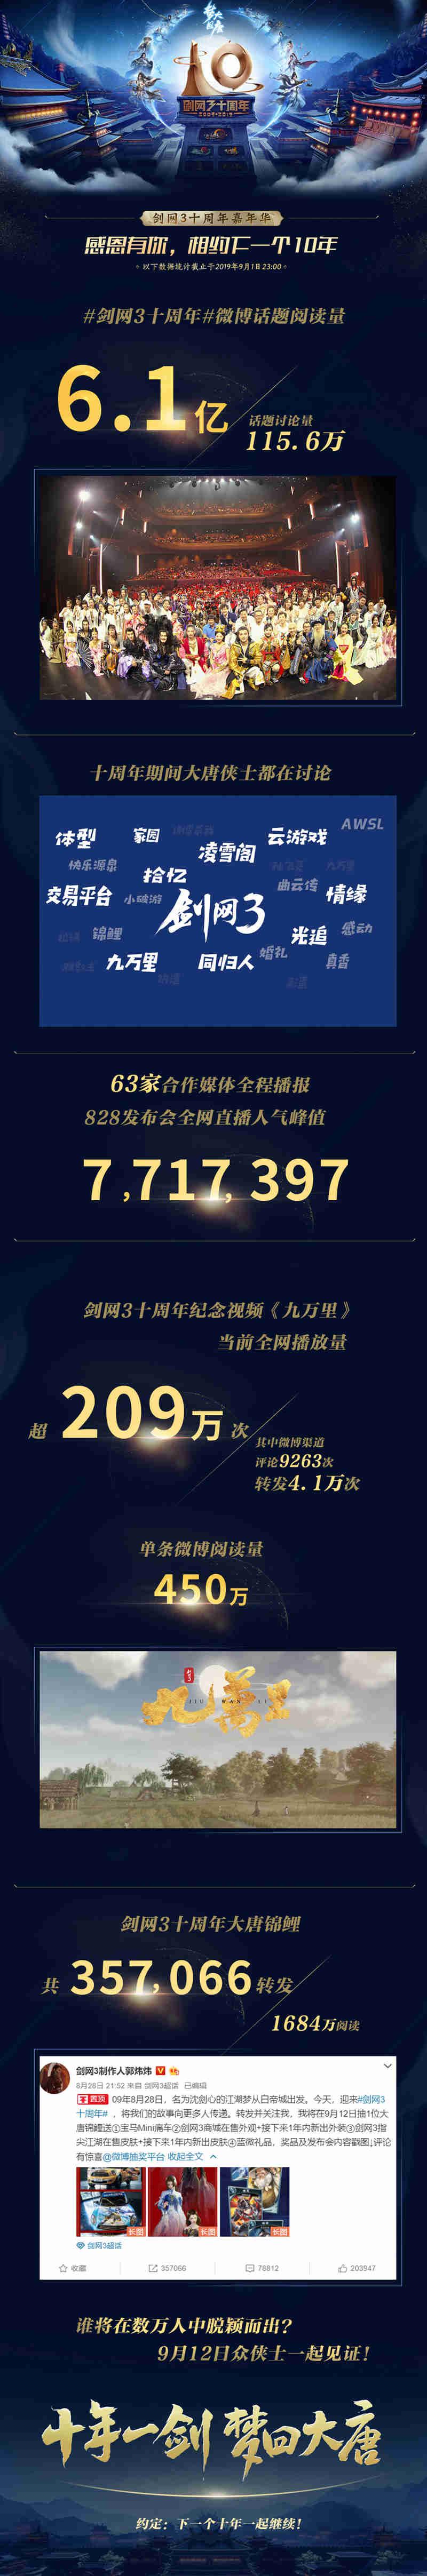 771万直播见证 直击《剑网3》十周年嘉年华返图